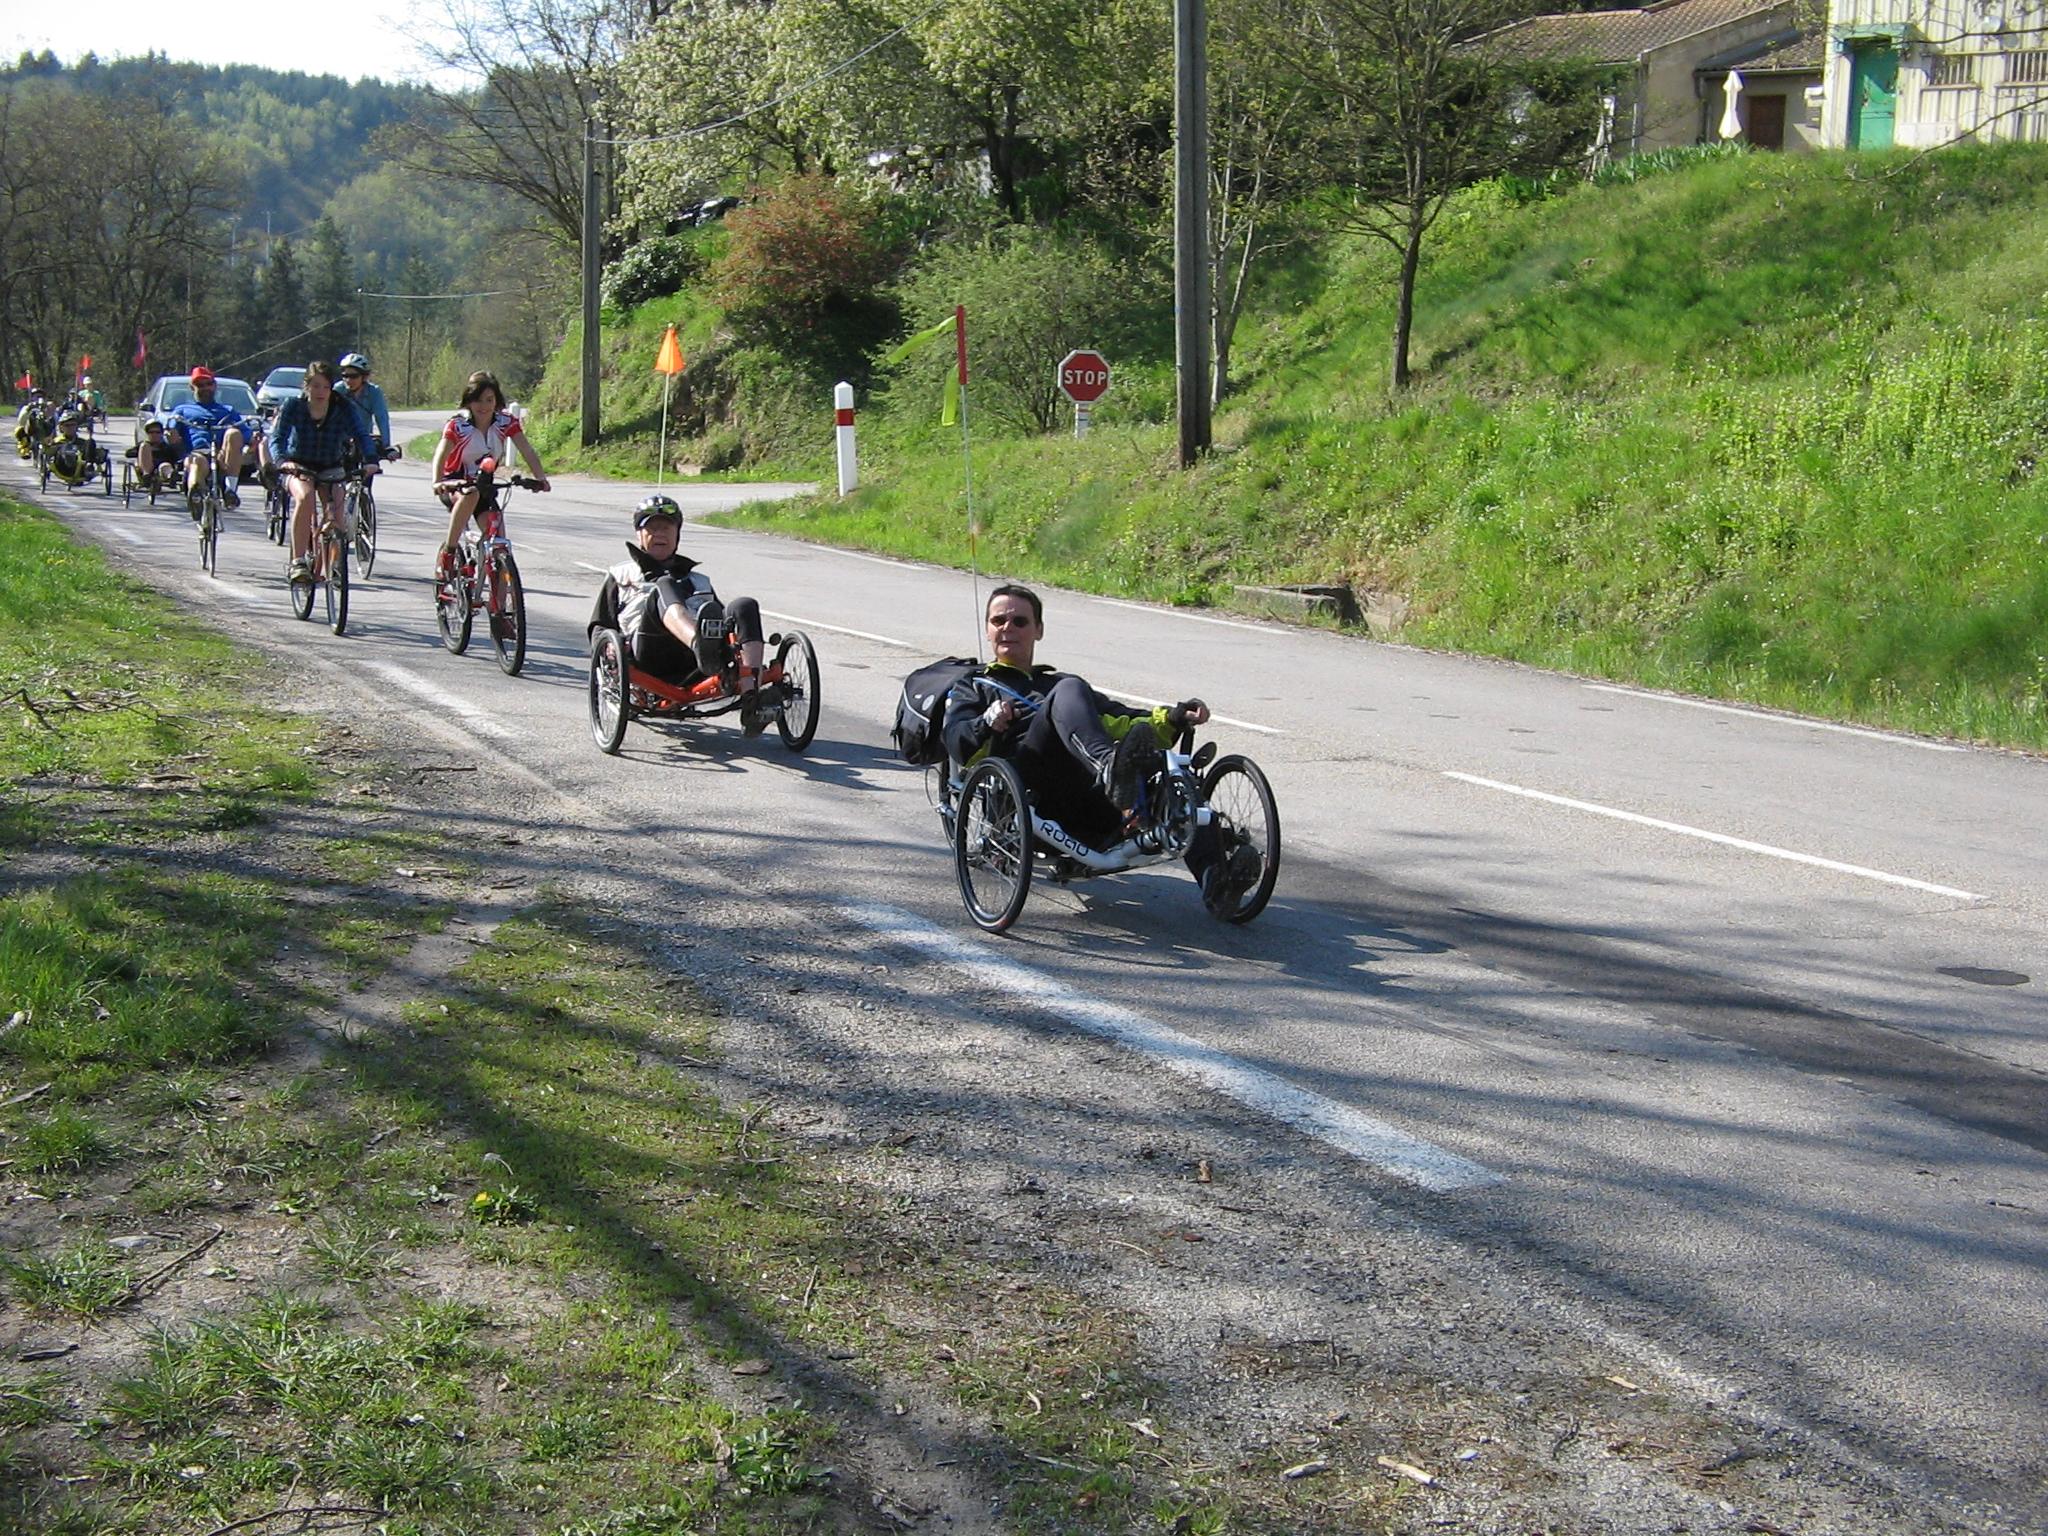 6e sortie dans la vallée du Haut Doux (Ardèche) le samedi 16 avril 2011 2848036sortiedelavalleduhautdoux005